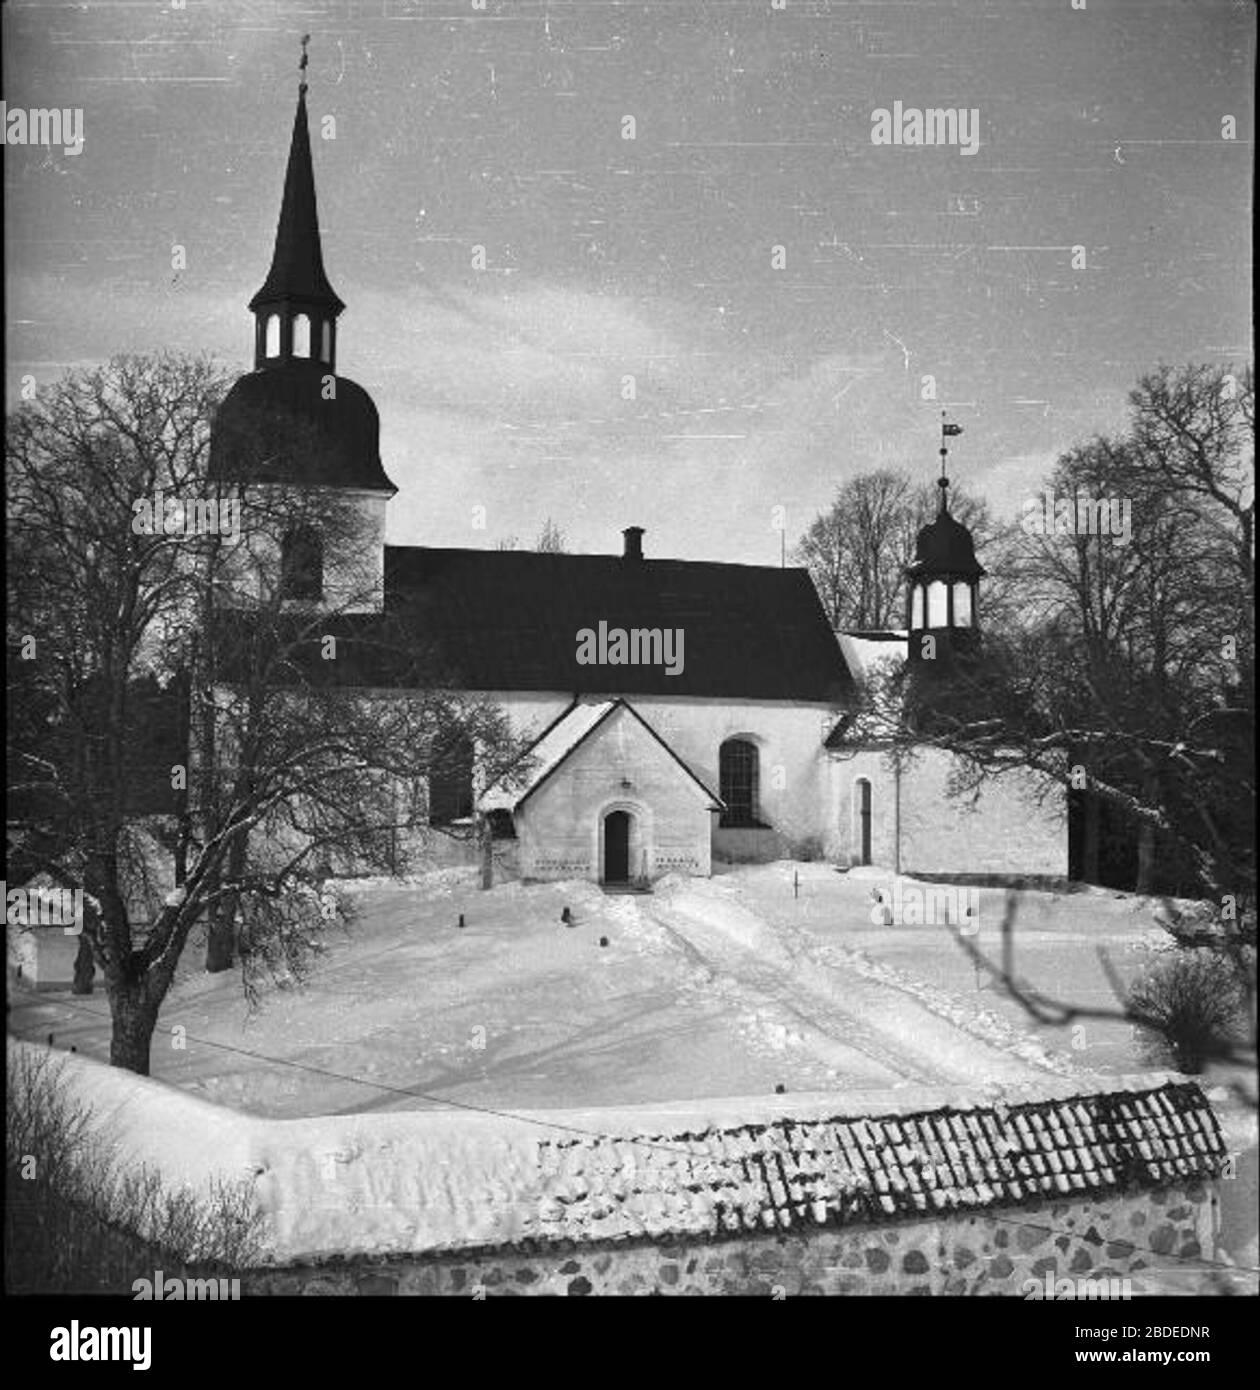 Fil:Husby-Rekarne kyrka satisfaction-survey.net Wikipedia